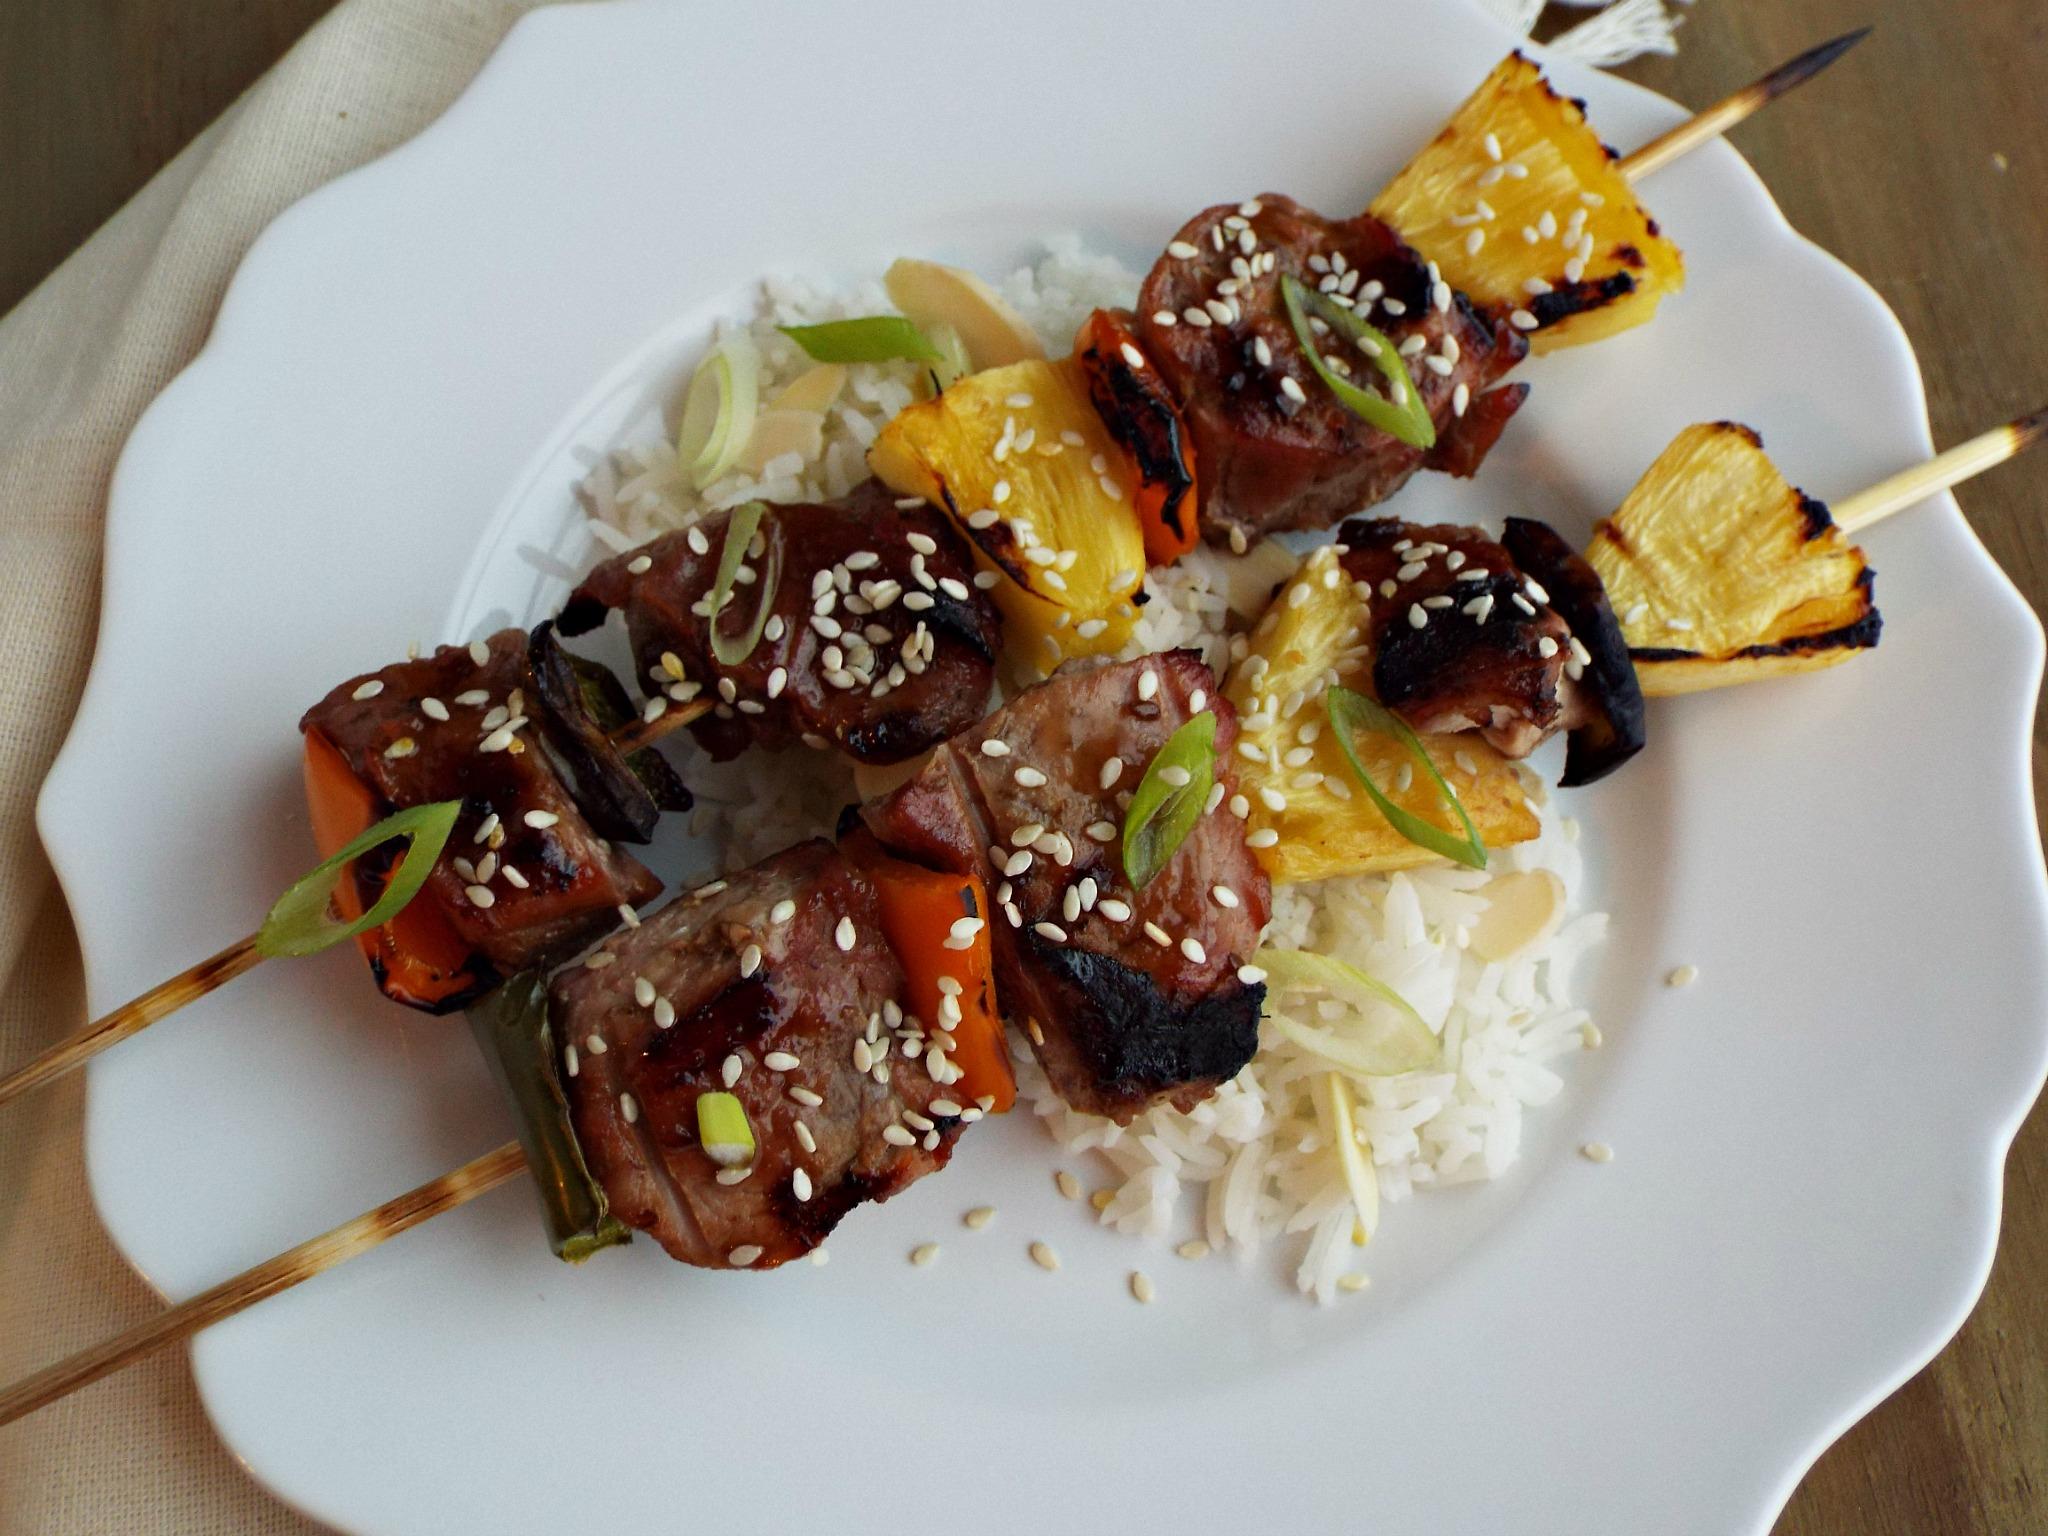 Korean Style Pork Kabobs with Korean BBQ Sauce